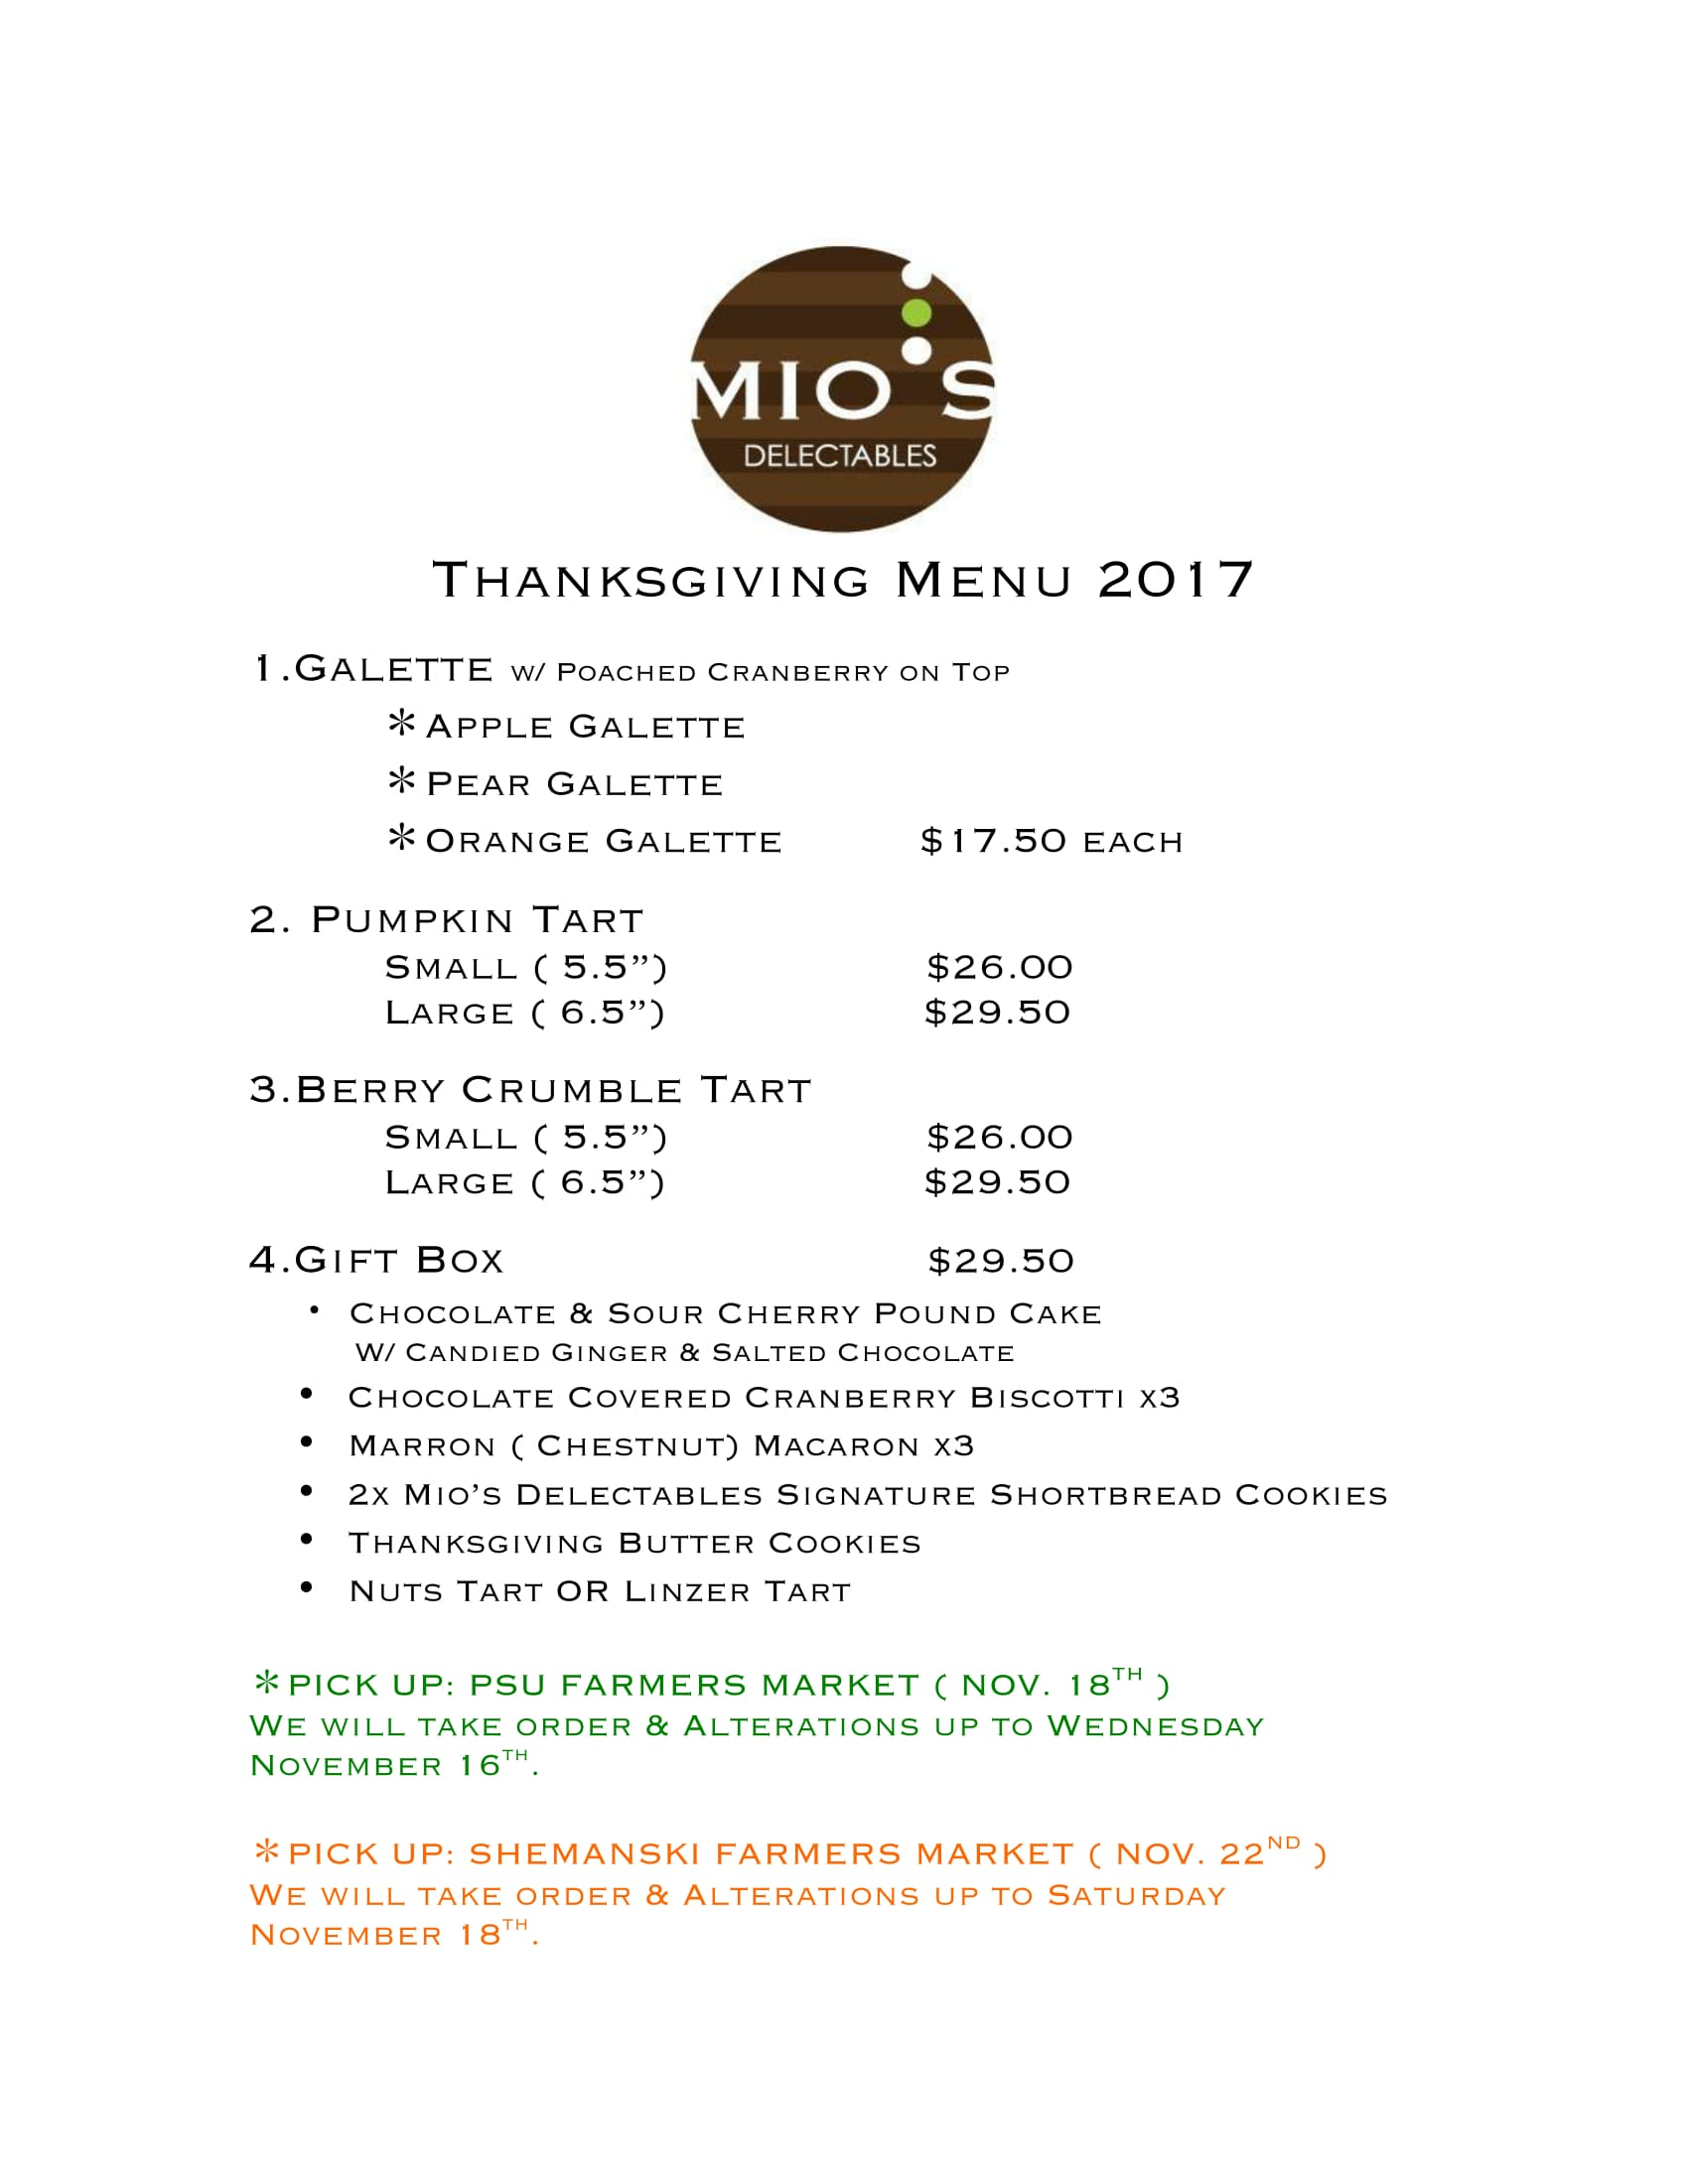 Mio's Delectables 2017 Thankgiving Menu-1.jpg